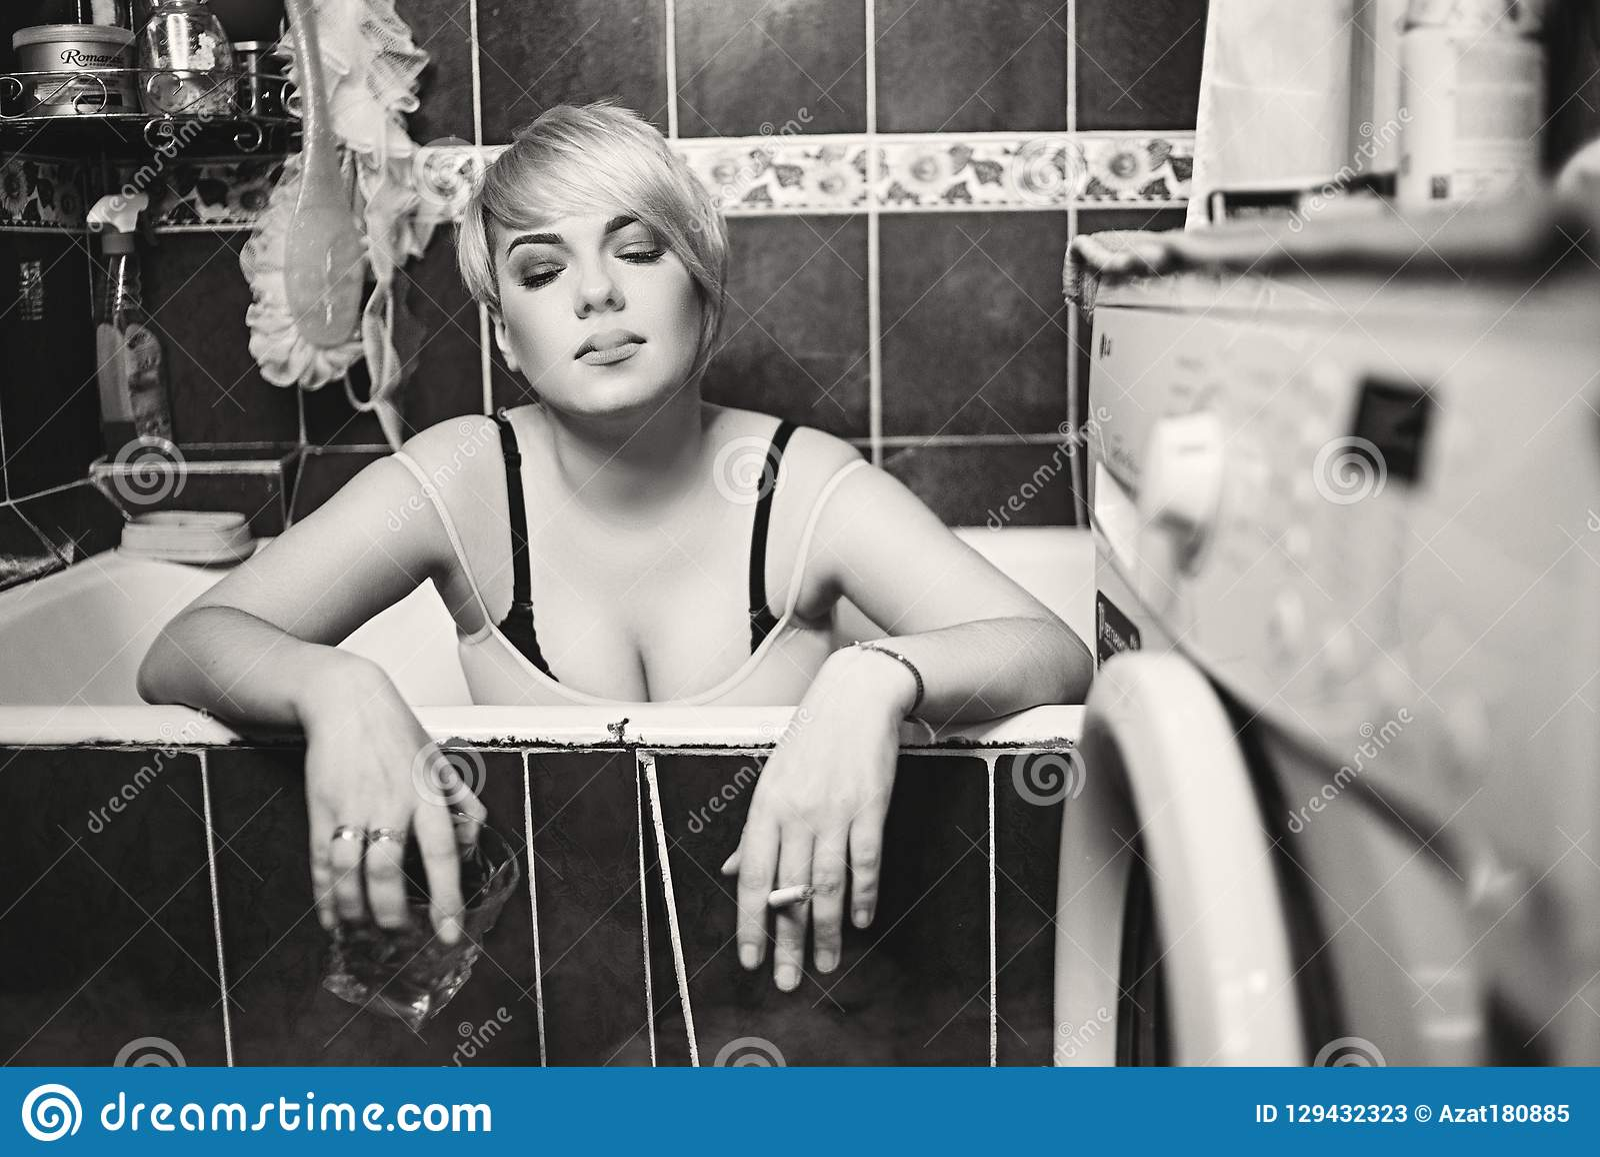 Junge schöne kaukasische Frau im Bad